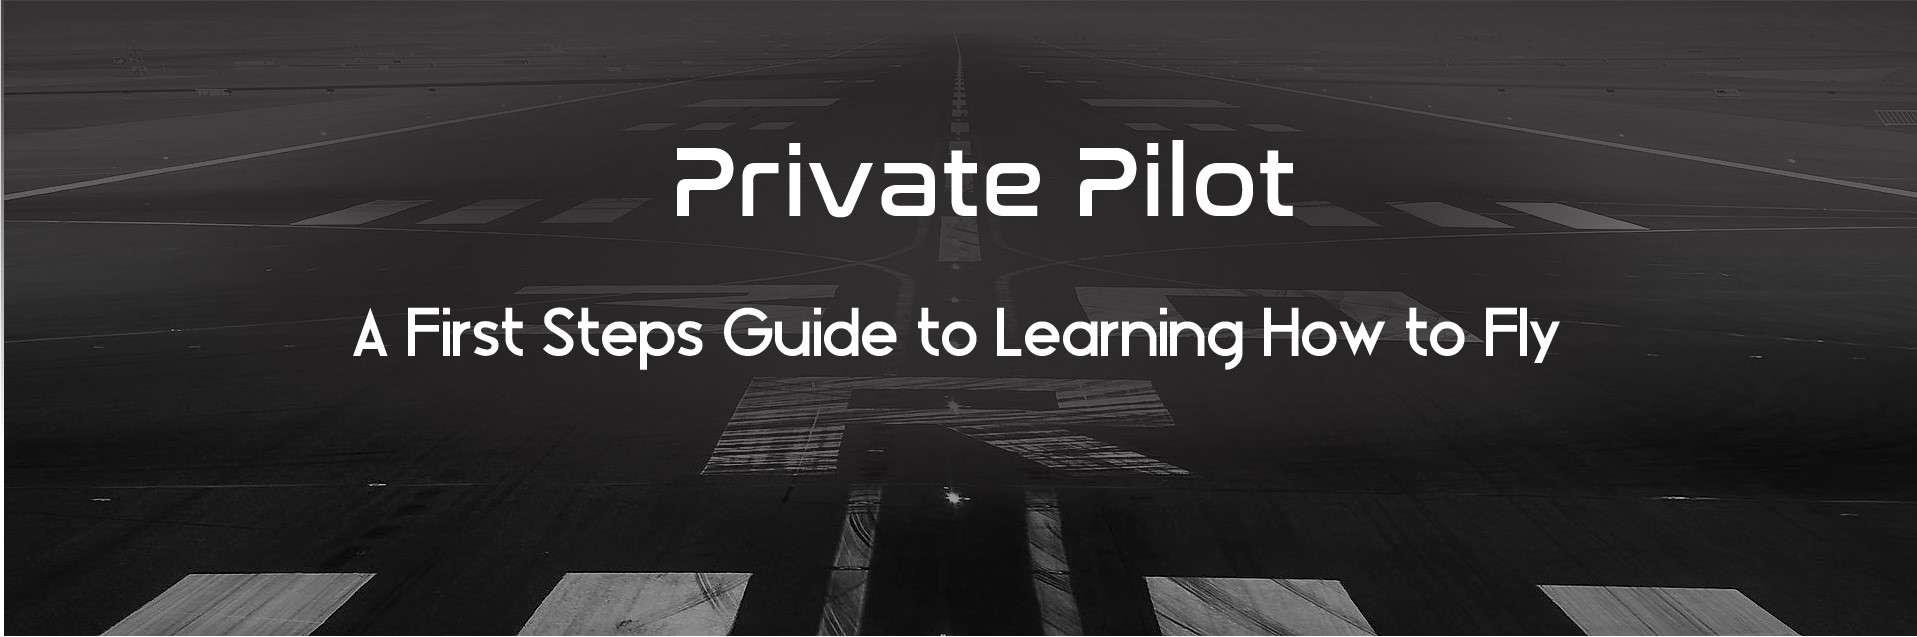 Private Pilot License Guide | AviatorsHQ